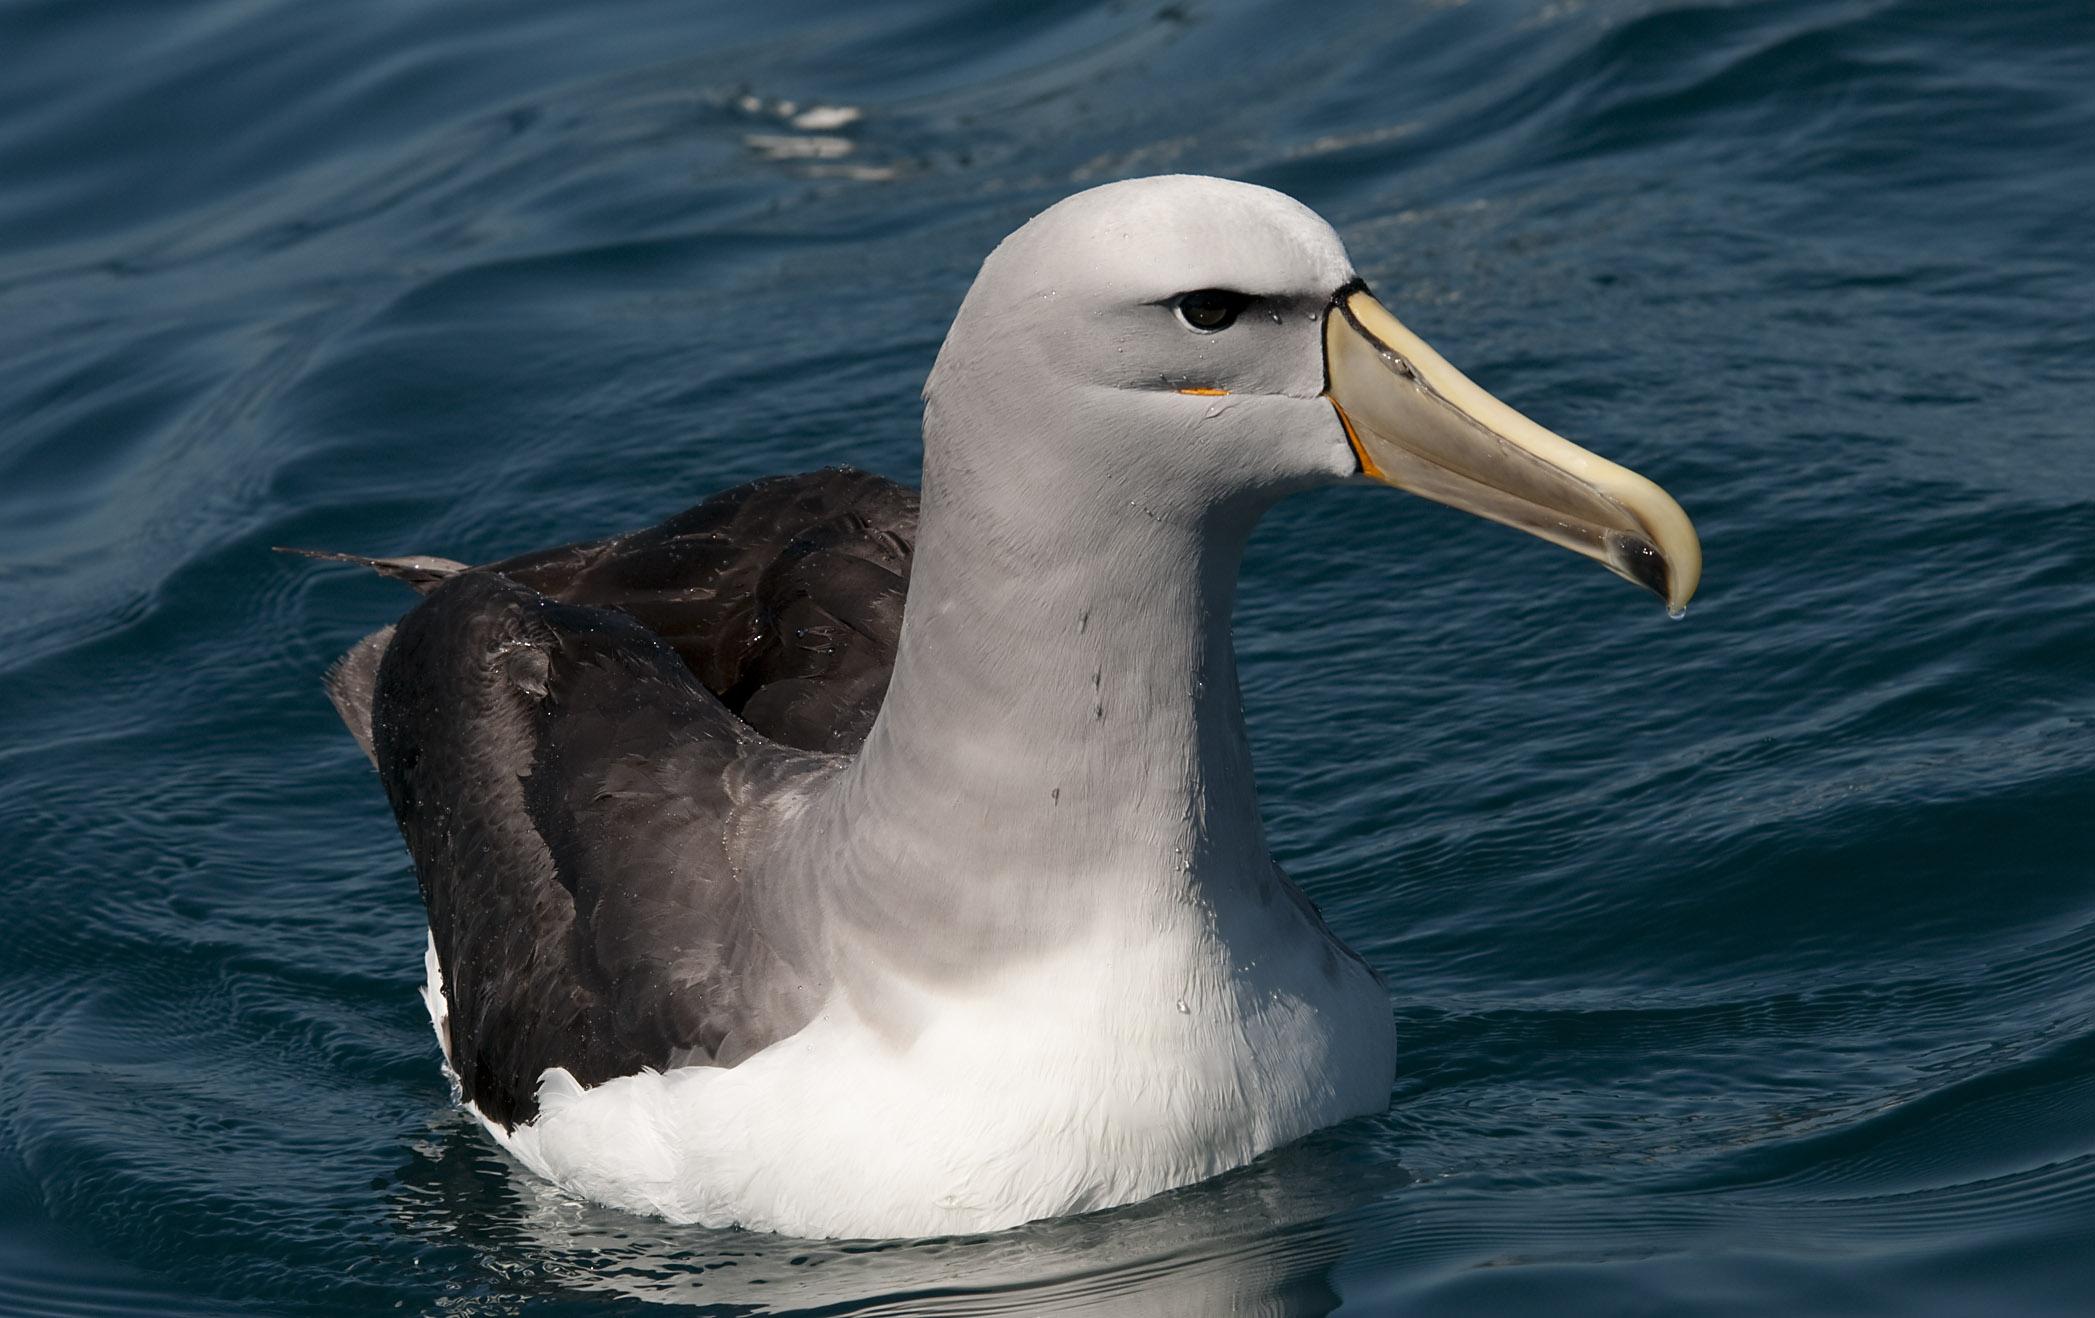 http://nzbirdsonline.org.nz/sites/all/files/Salvin's_Albatross_20110125_Kaikoura_NZ_3.jpg